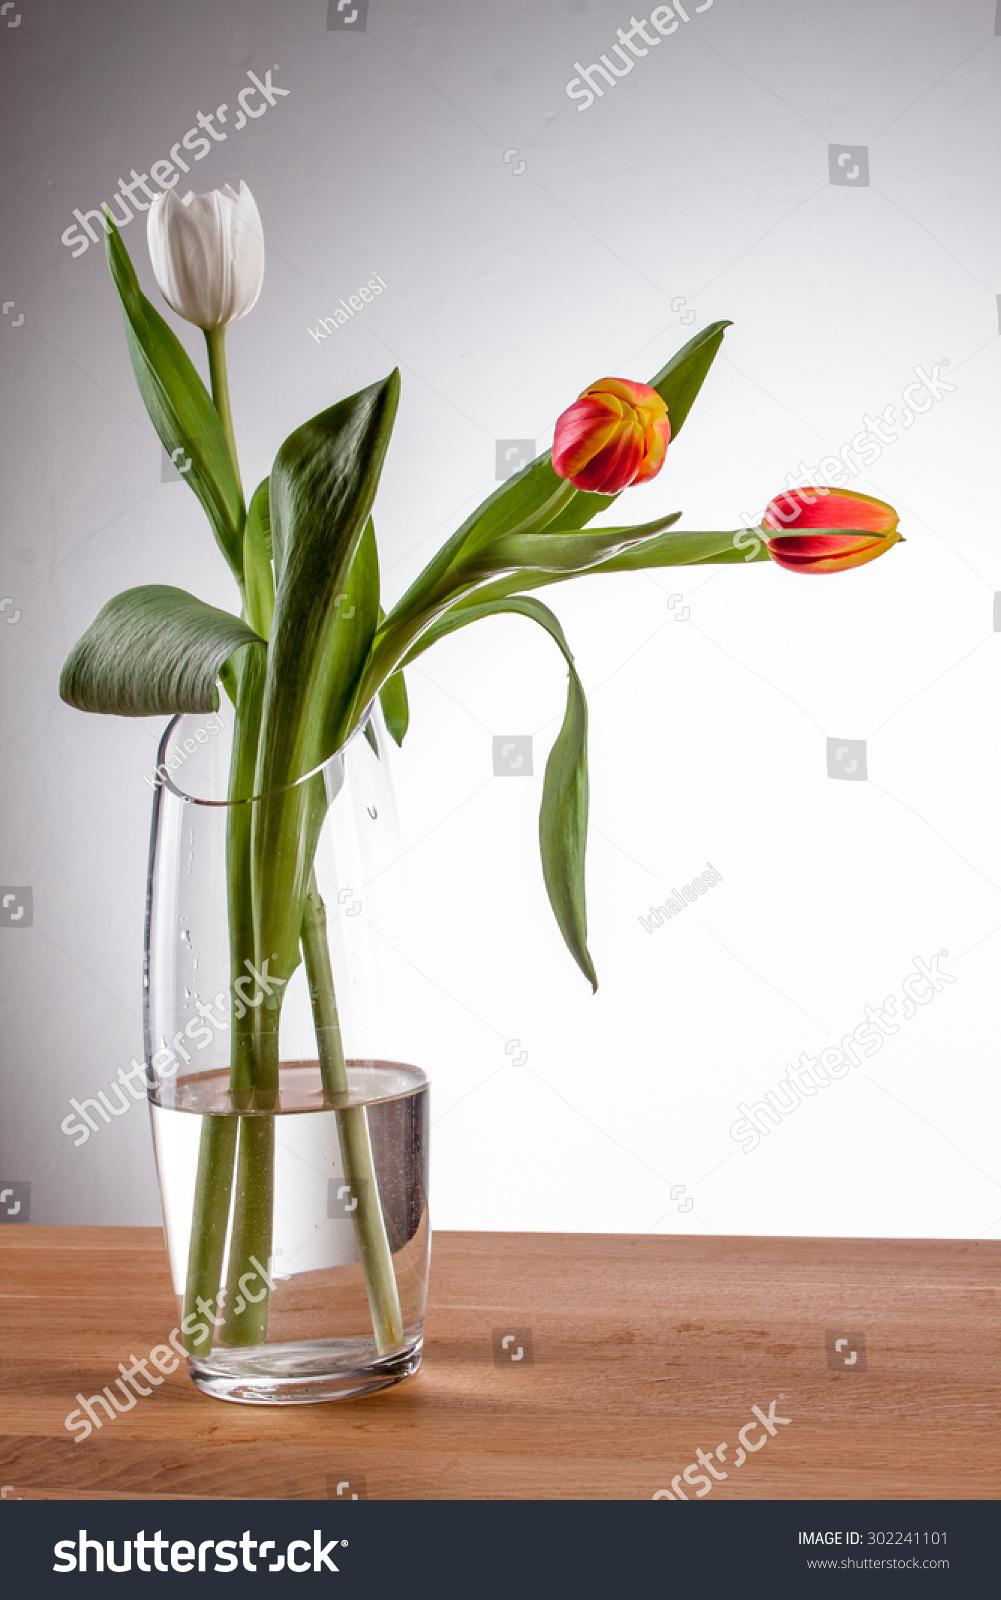 Tulip in vase gallery vases design picture tulip vase red tulip vase on stock photo 302241101 shutterstock tulip in a vase red tulip reviewsmspy